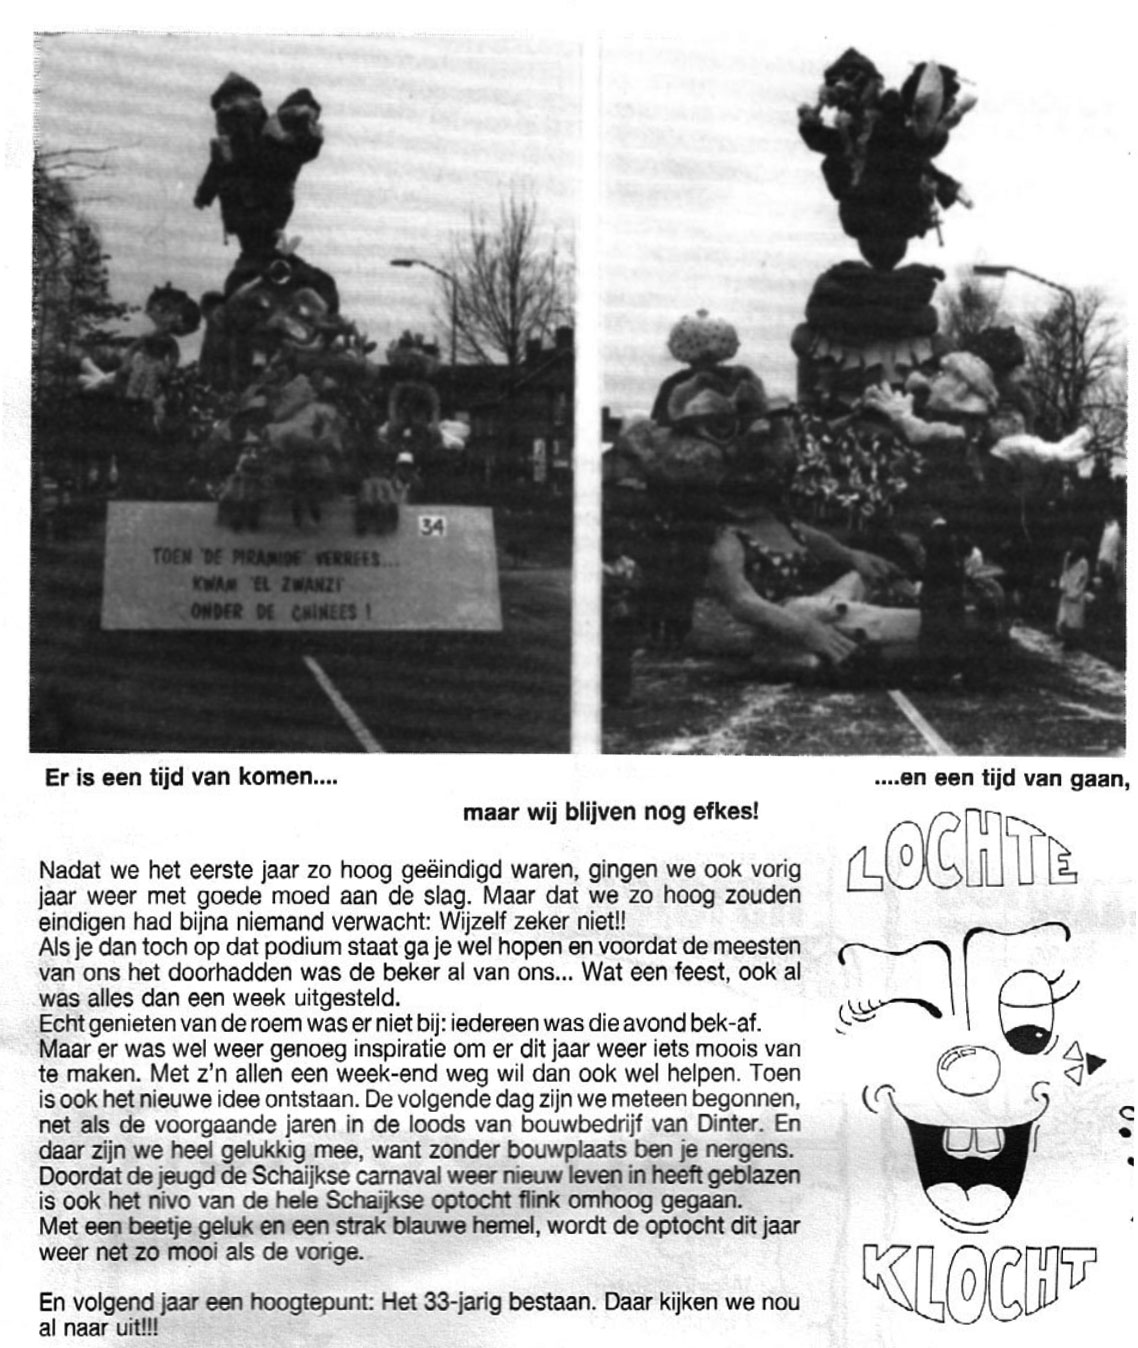 Stukje uit de carnavalskrant van Lochte Klocht - 1991